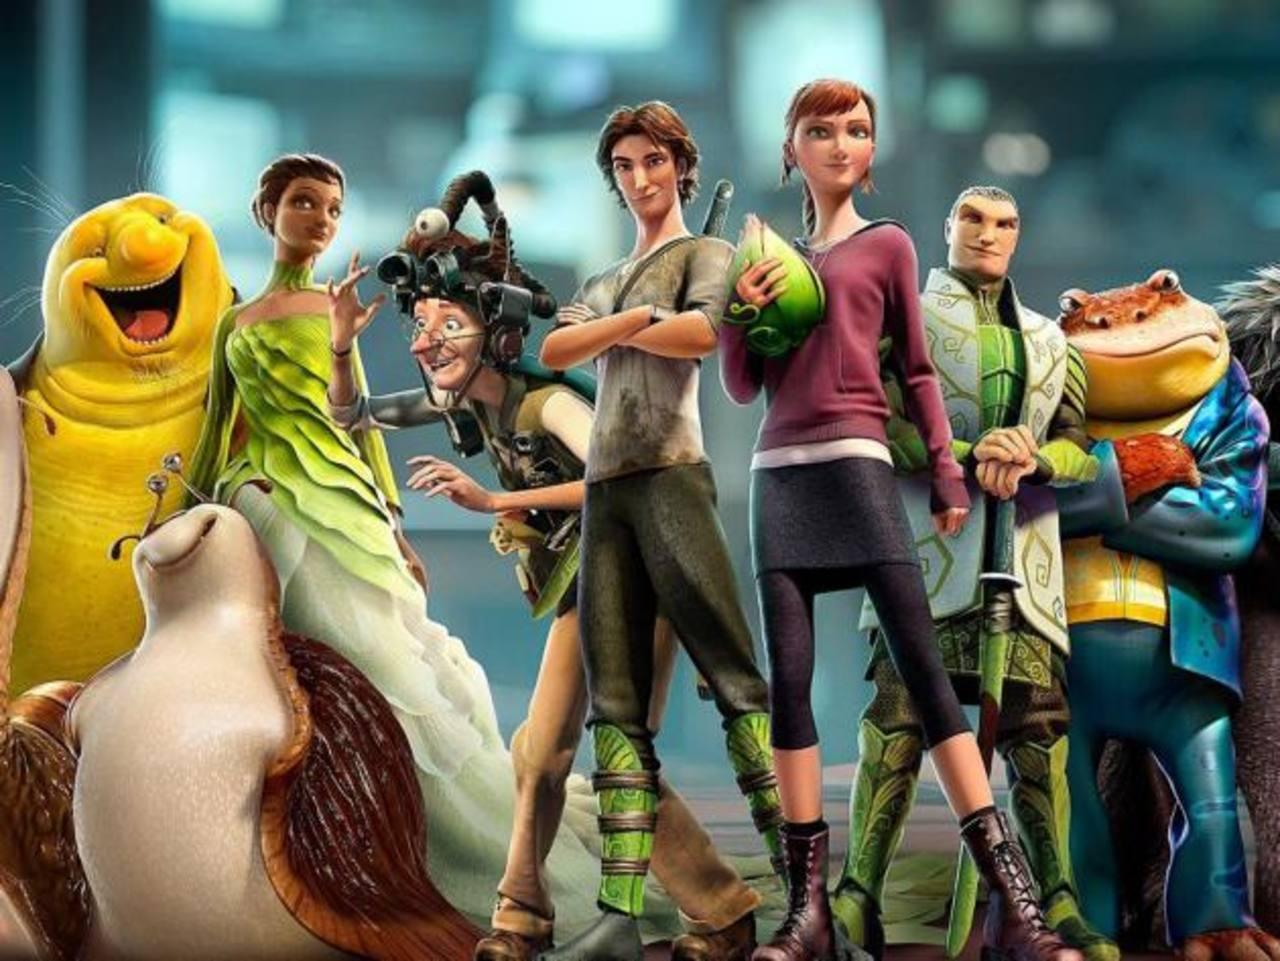 La nueva cinta animada garantiza 102 minutos de aventura y emoción para toda la familia.